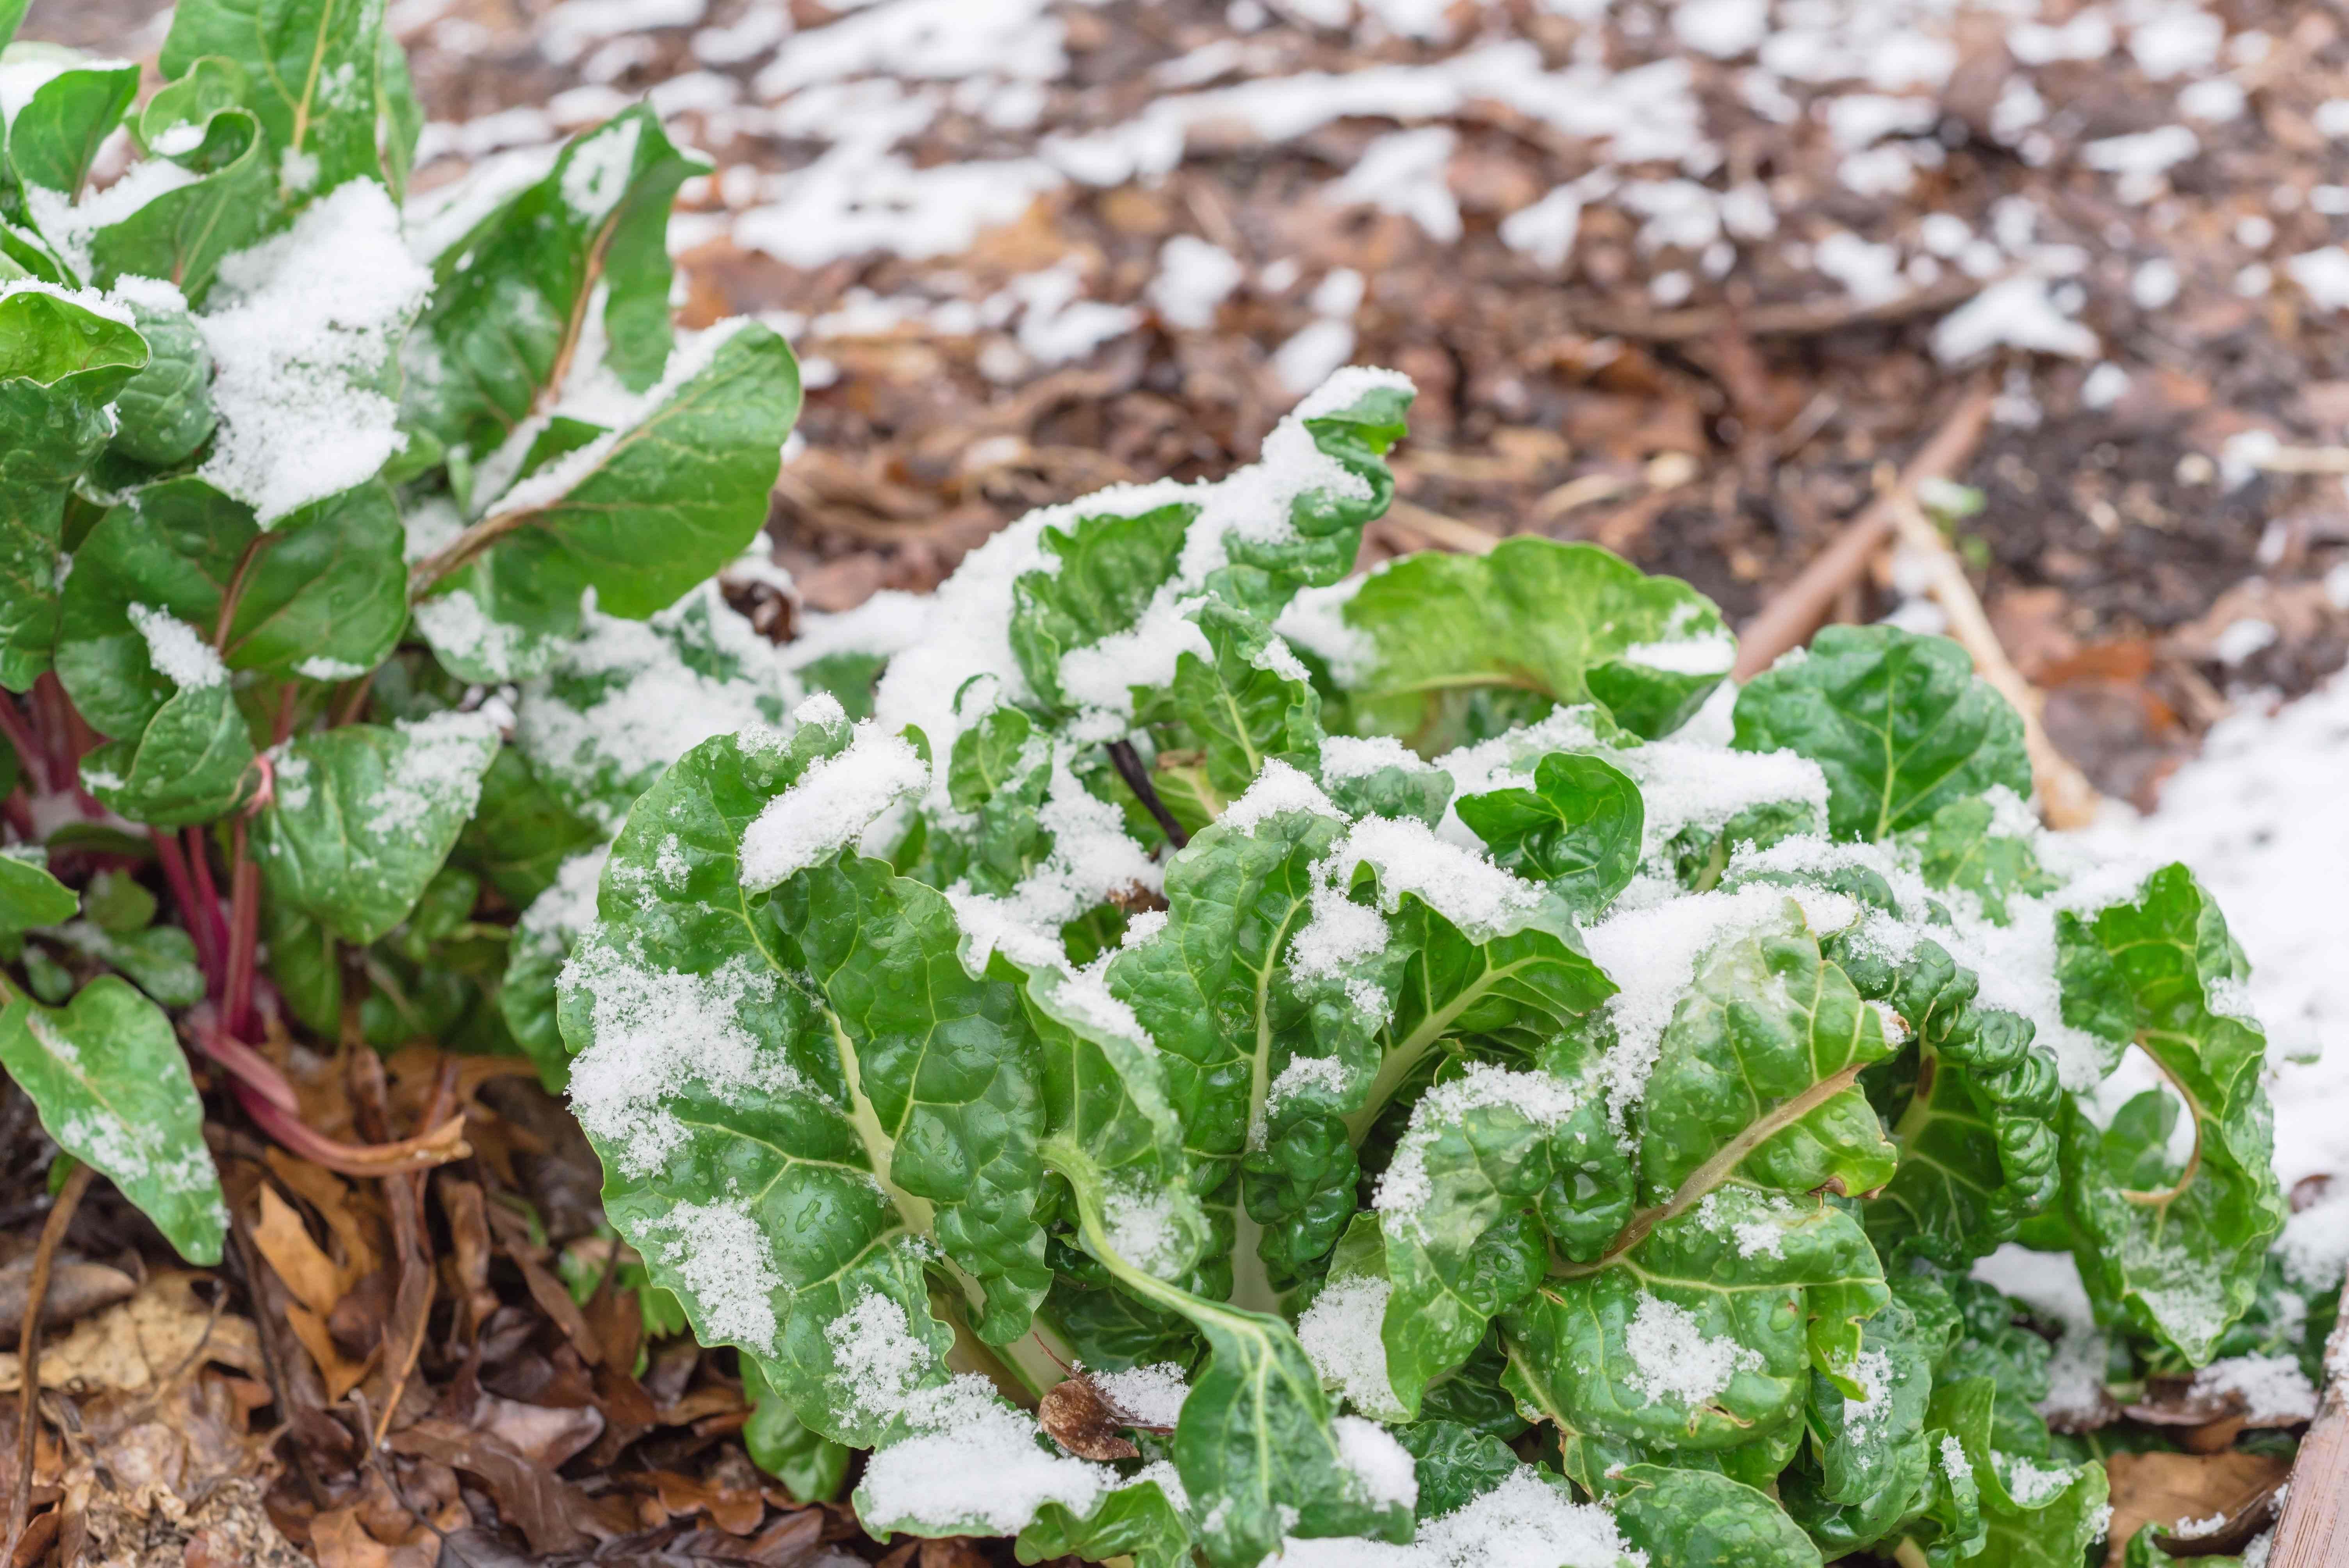 La manutenzione dell'orto in inverno